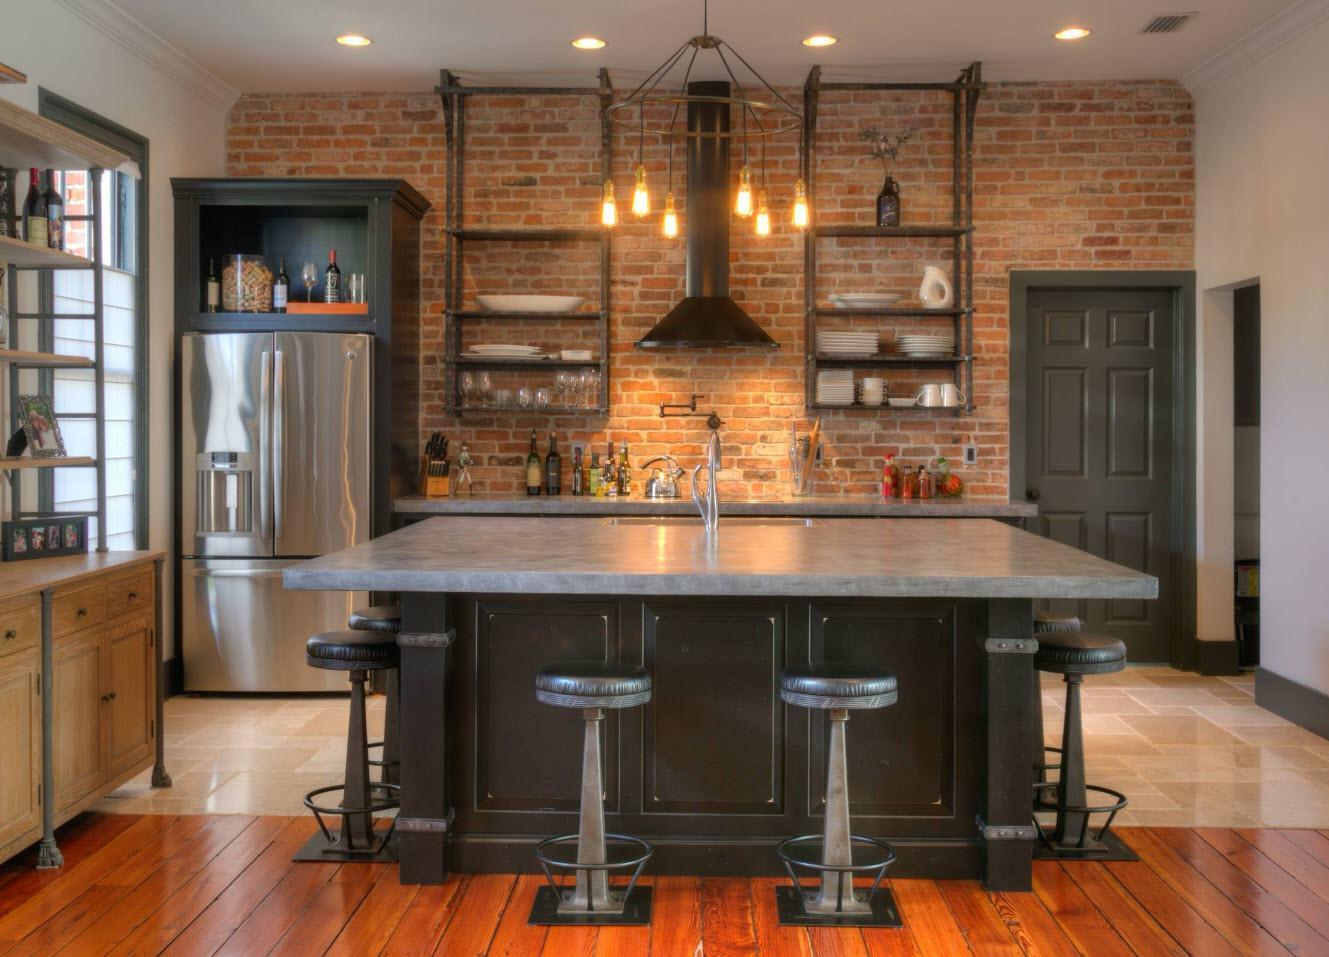 Brickwork and metal for originally styled dark kitchen